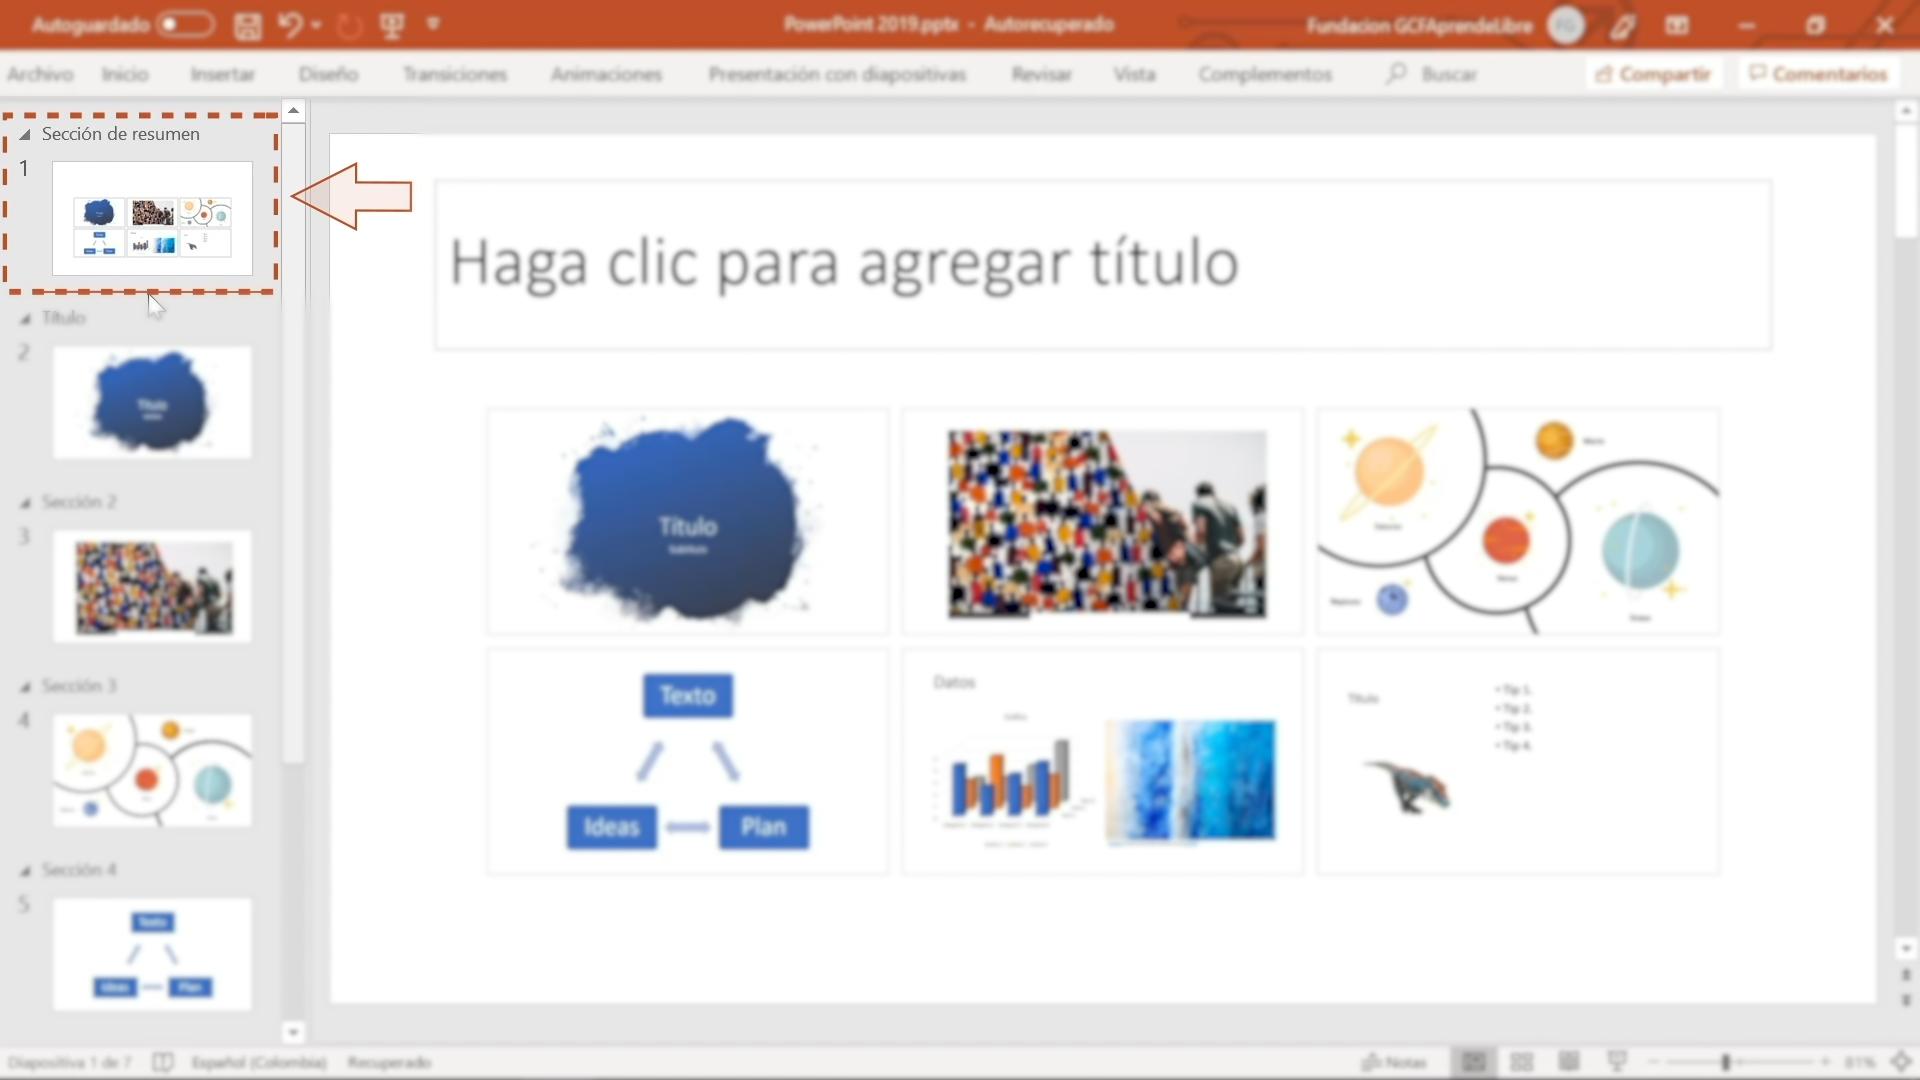 Imagen mostrando todas las diapositivas a través de la Sección de resumen.